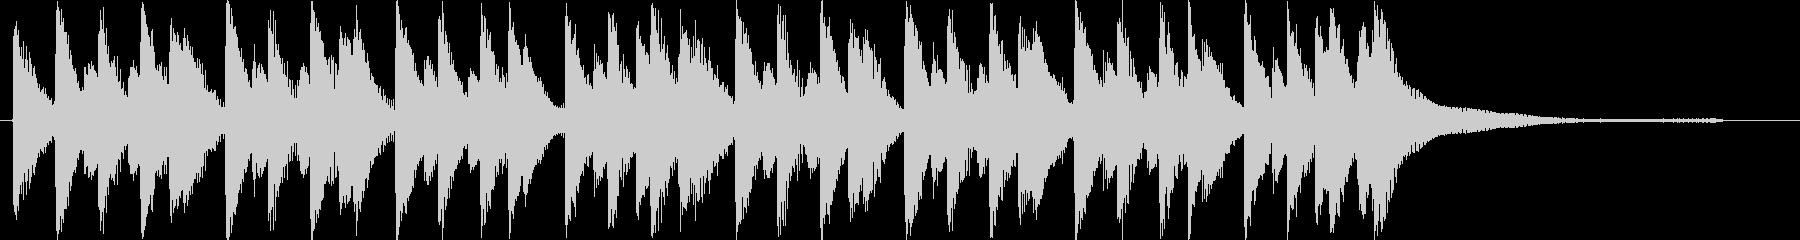 明るくポップな流行コーポレート系ロゴの未再生の波形